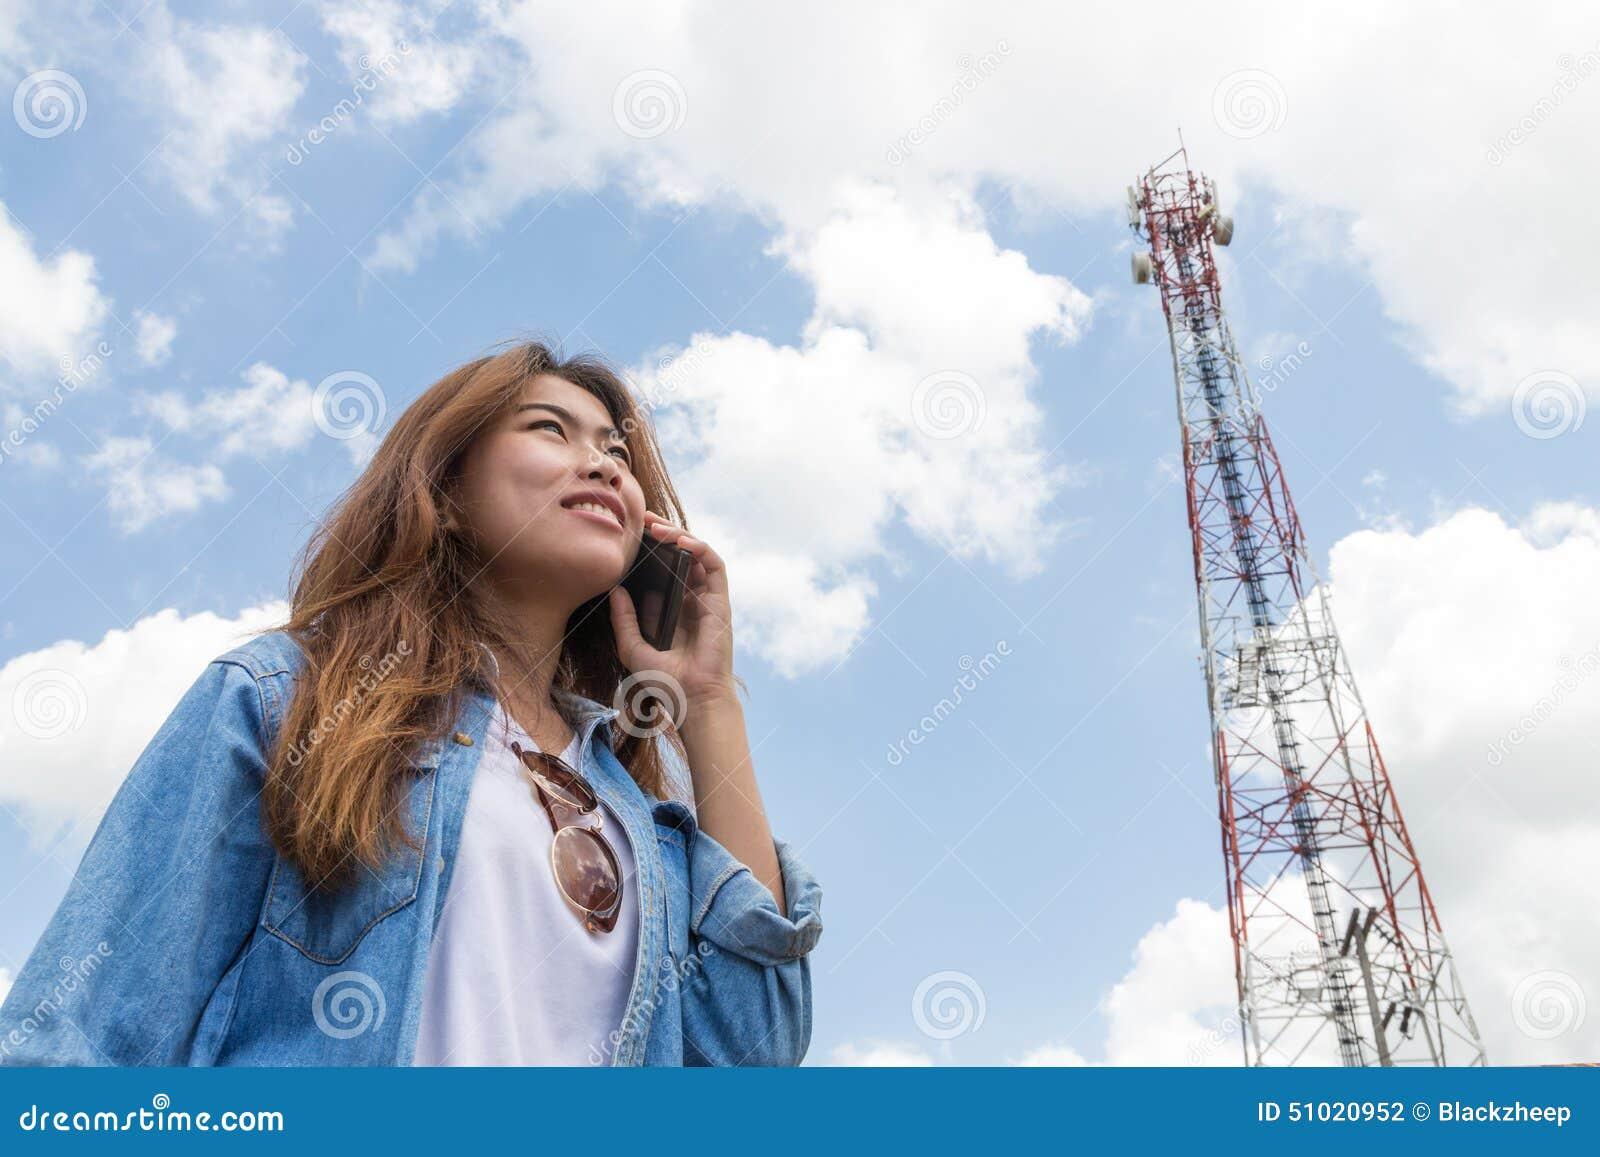 Las mujeres de la belleza utilizan la torre de la llamada de teléfono elegante y de comunicación por satélite